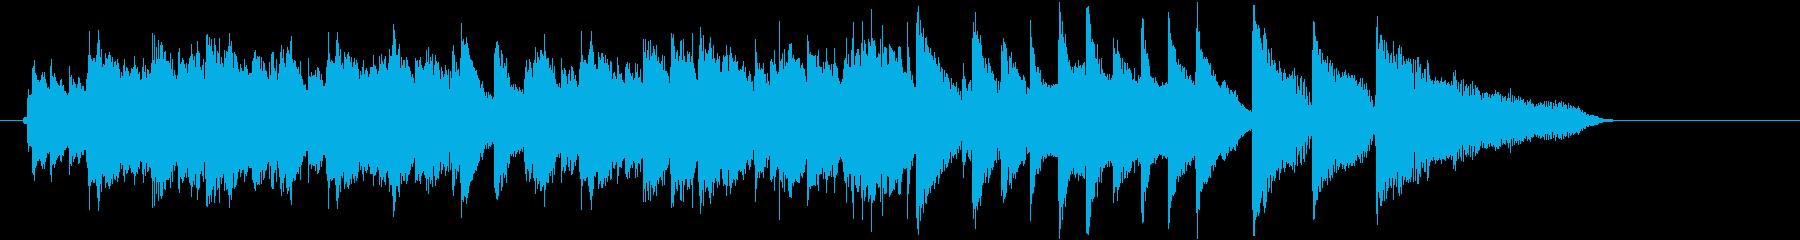 プログレッシブなピアノ・ソロのジングルの再生済みの波形